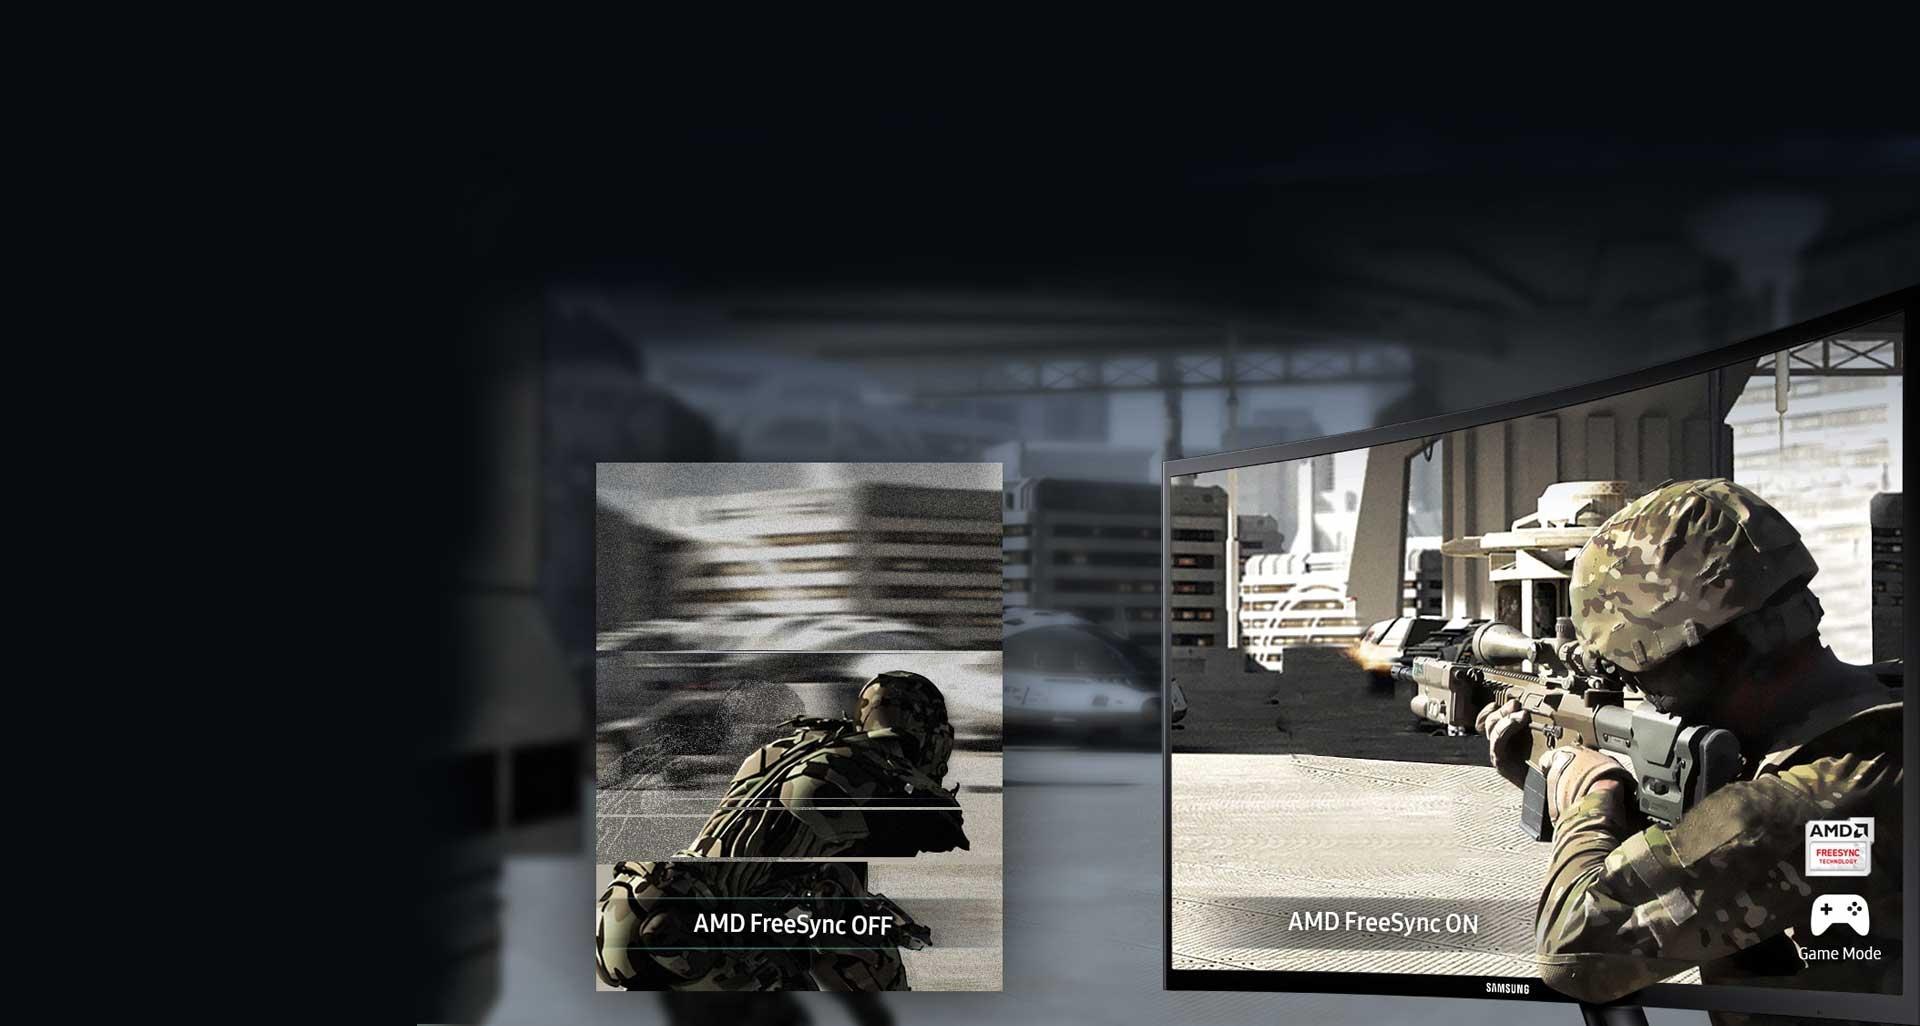 تجریه بازی بی نظیر با ویژگی AMD FreeSync مانیتور F390